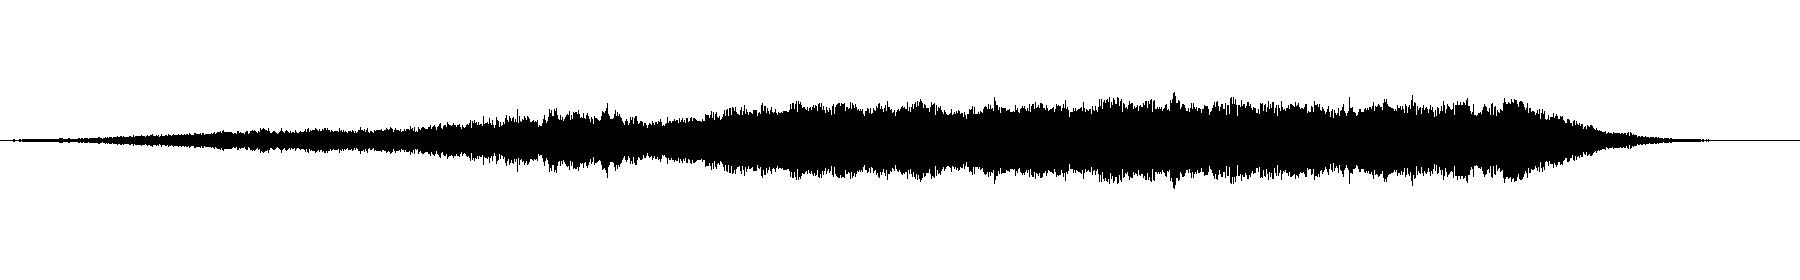 str glissoct 05 xs